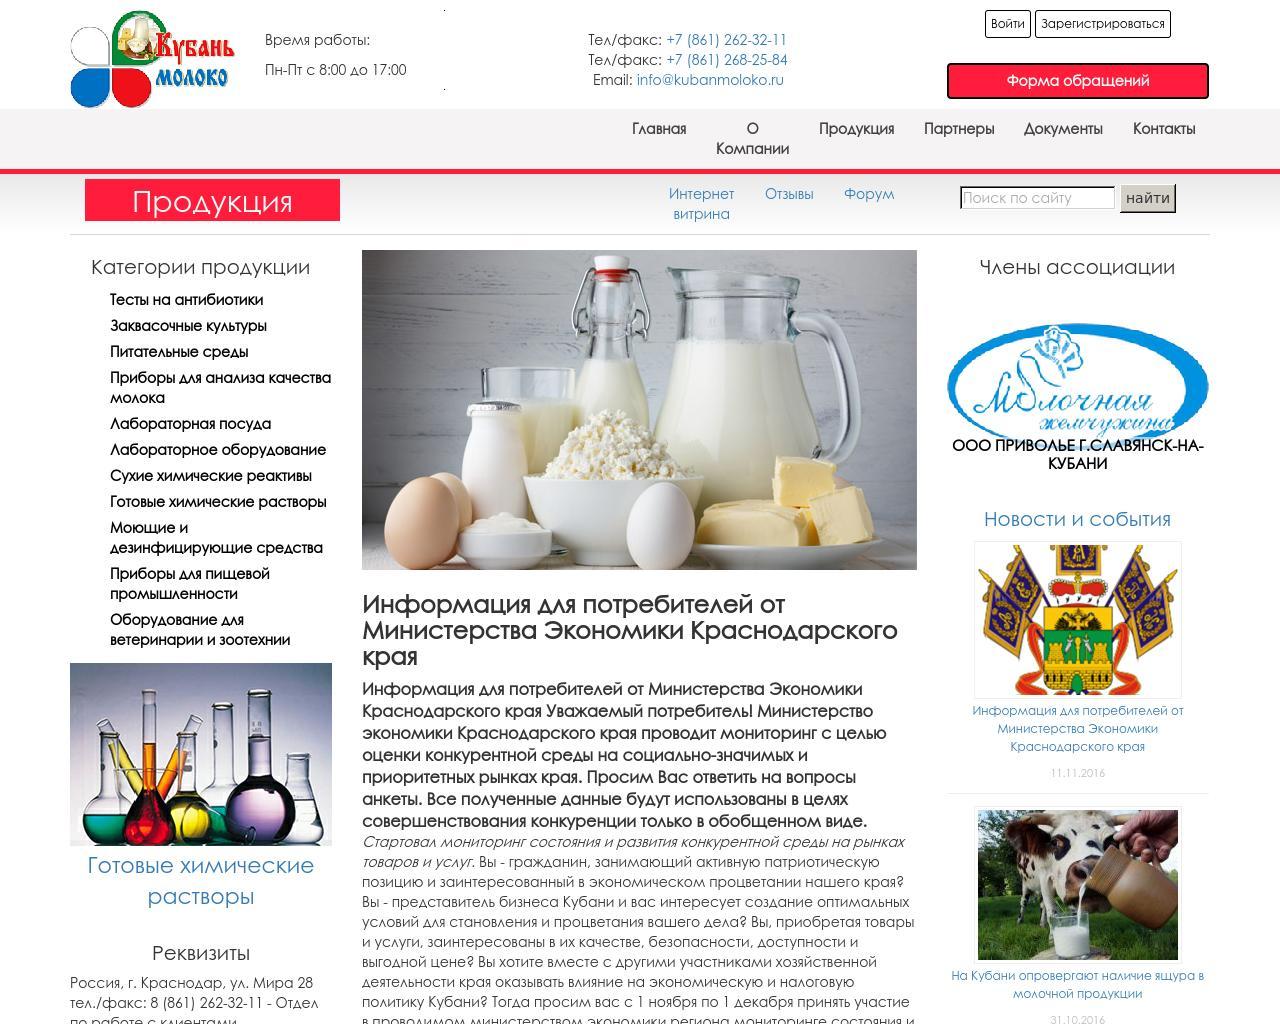 Создание корпоративного портала ассоциации предприятий молочной промышленности